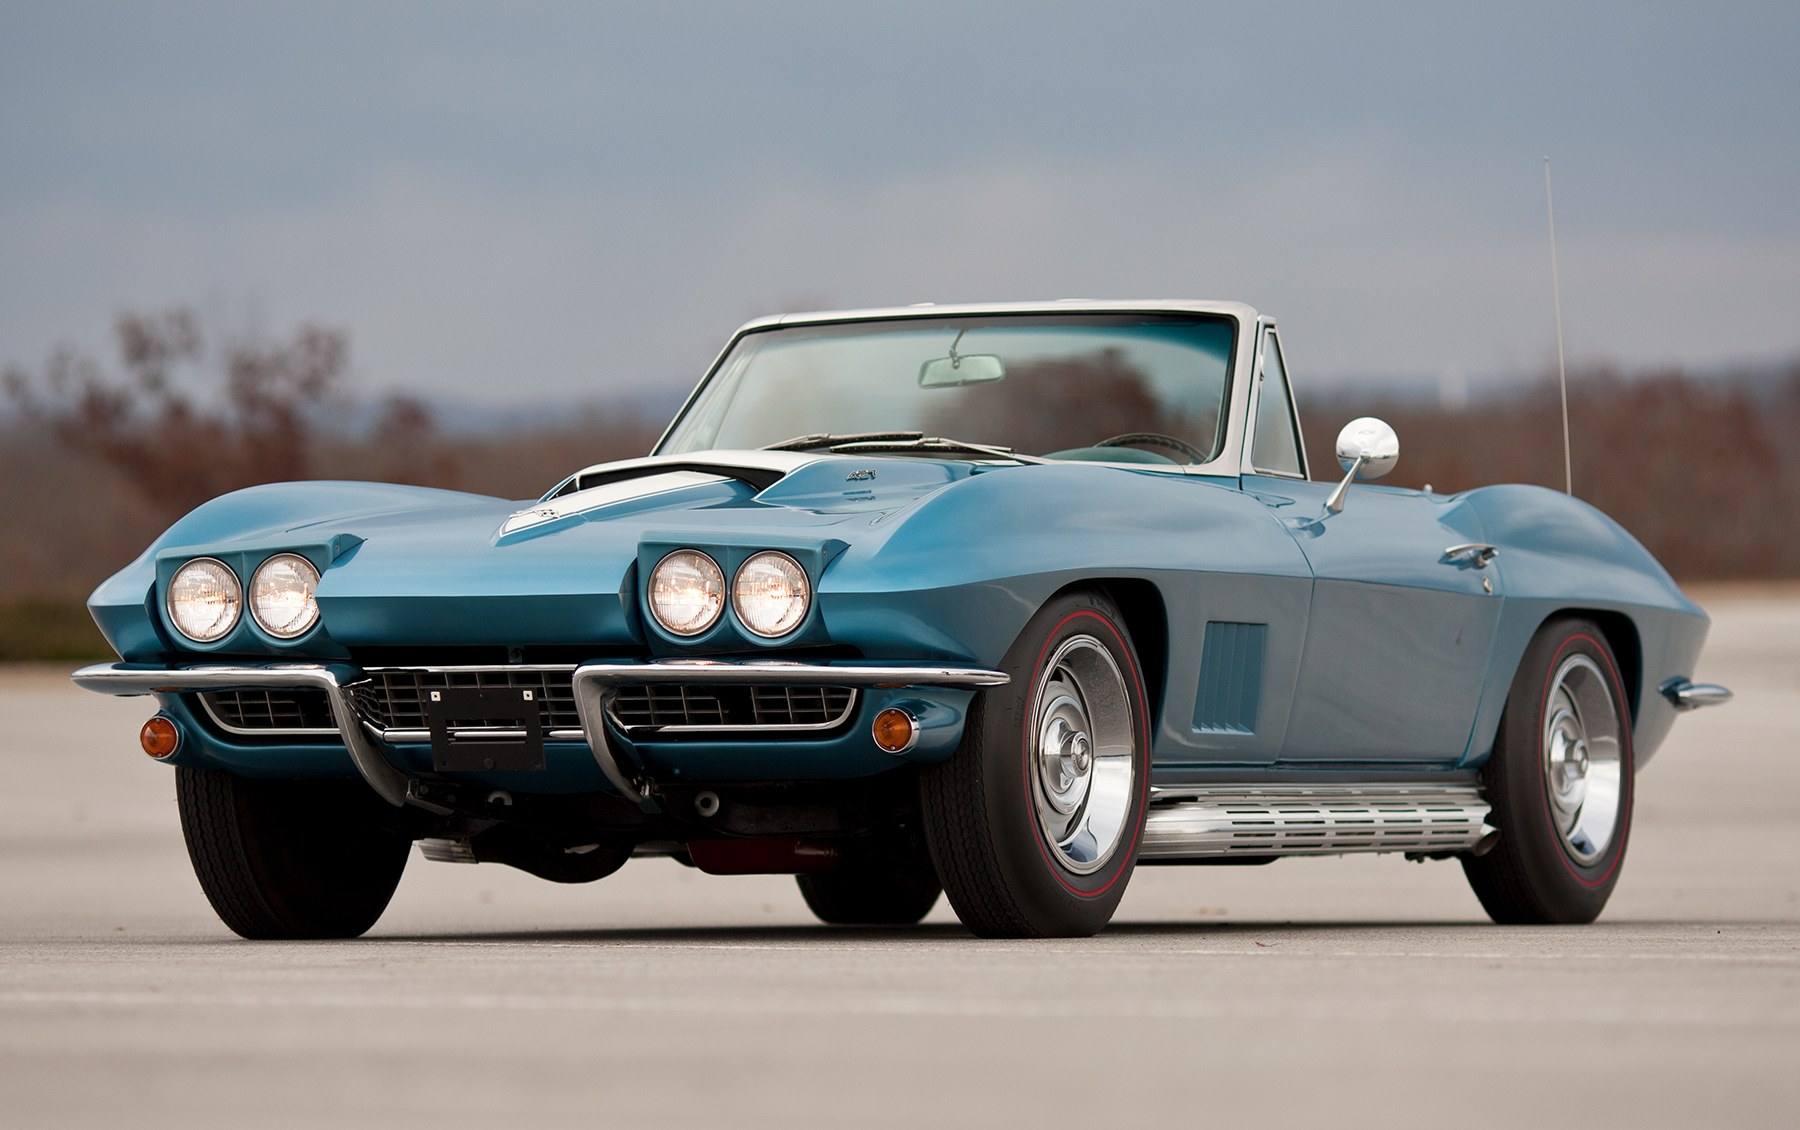 1967 Chevrolet Corvette 427/435 HP Roadster